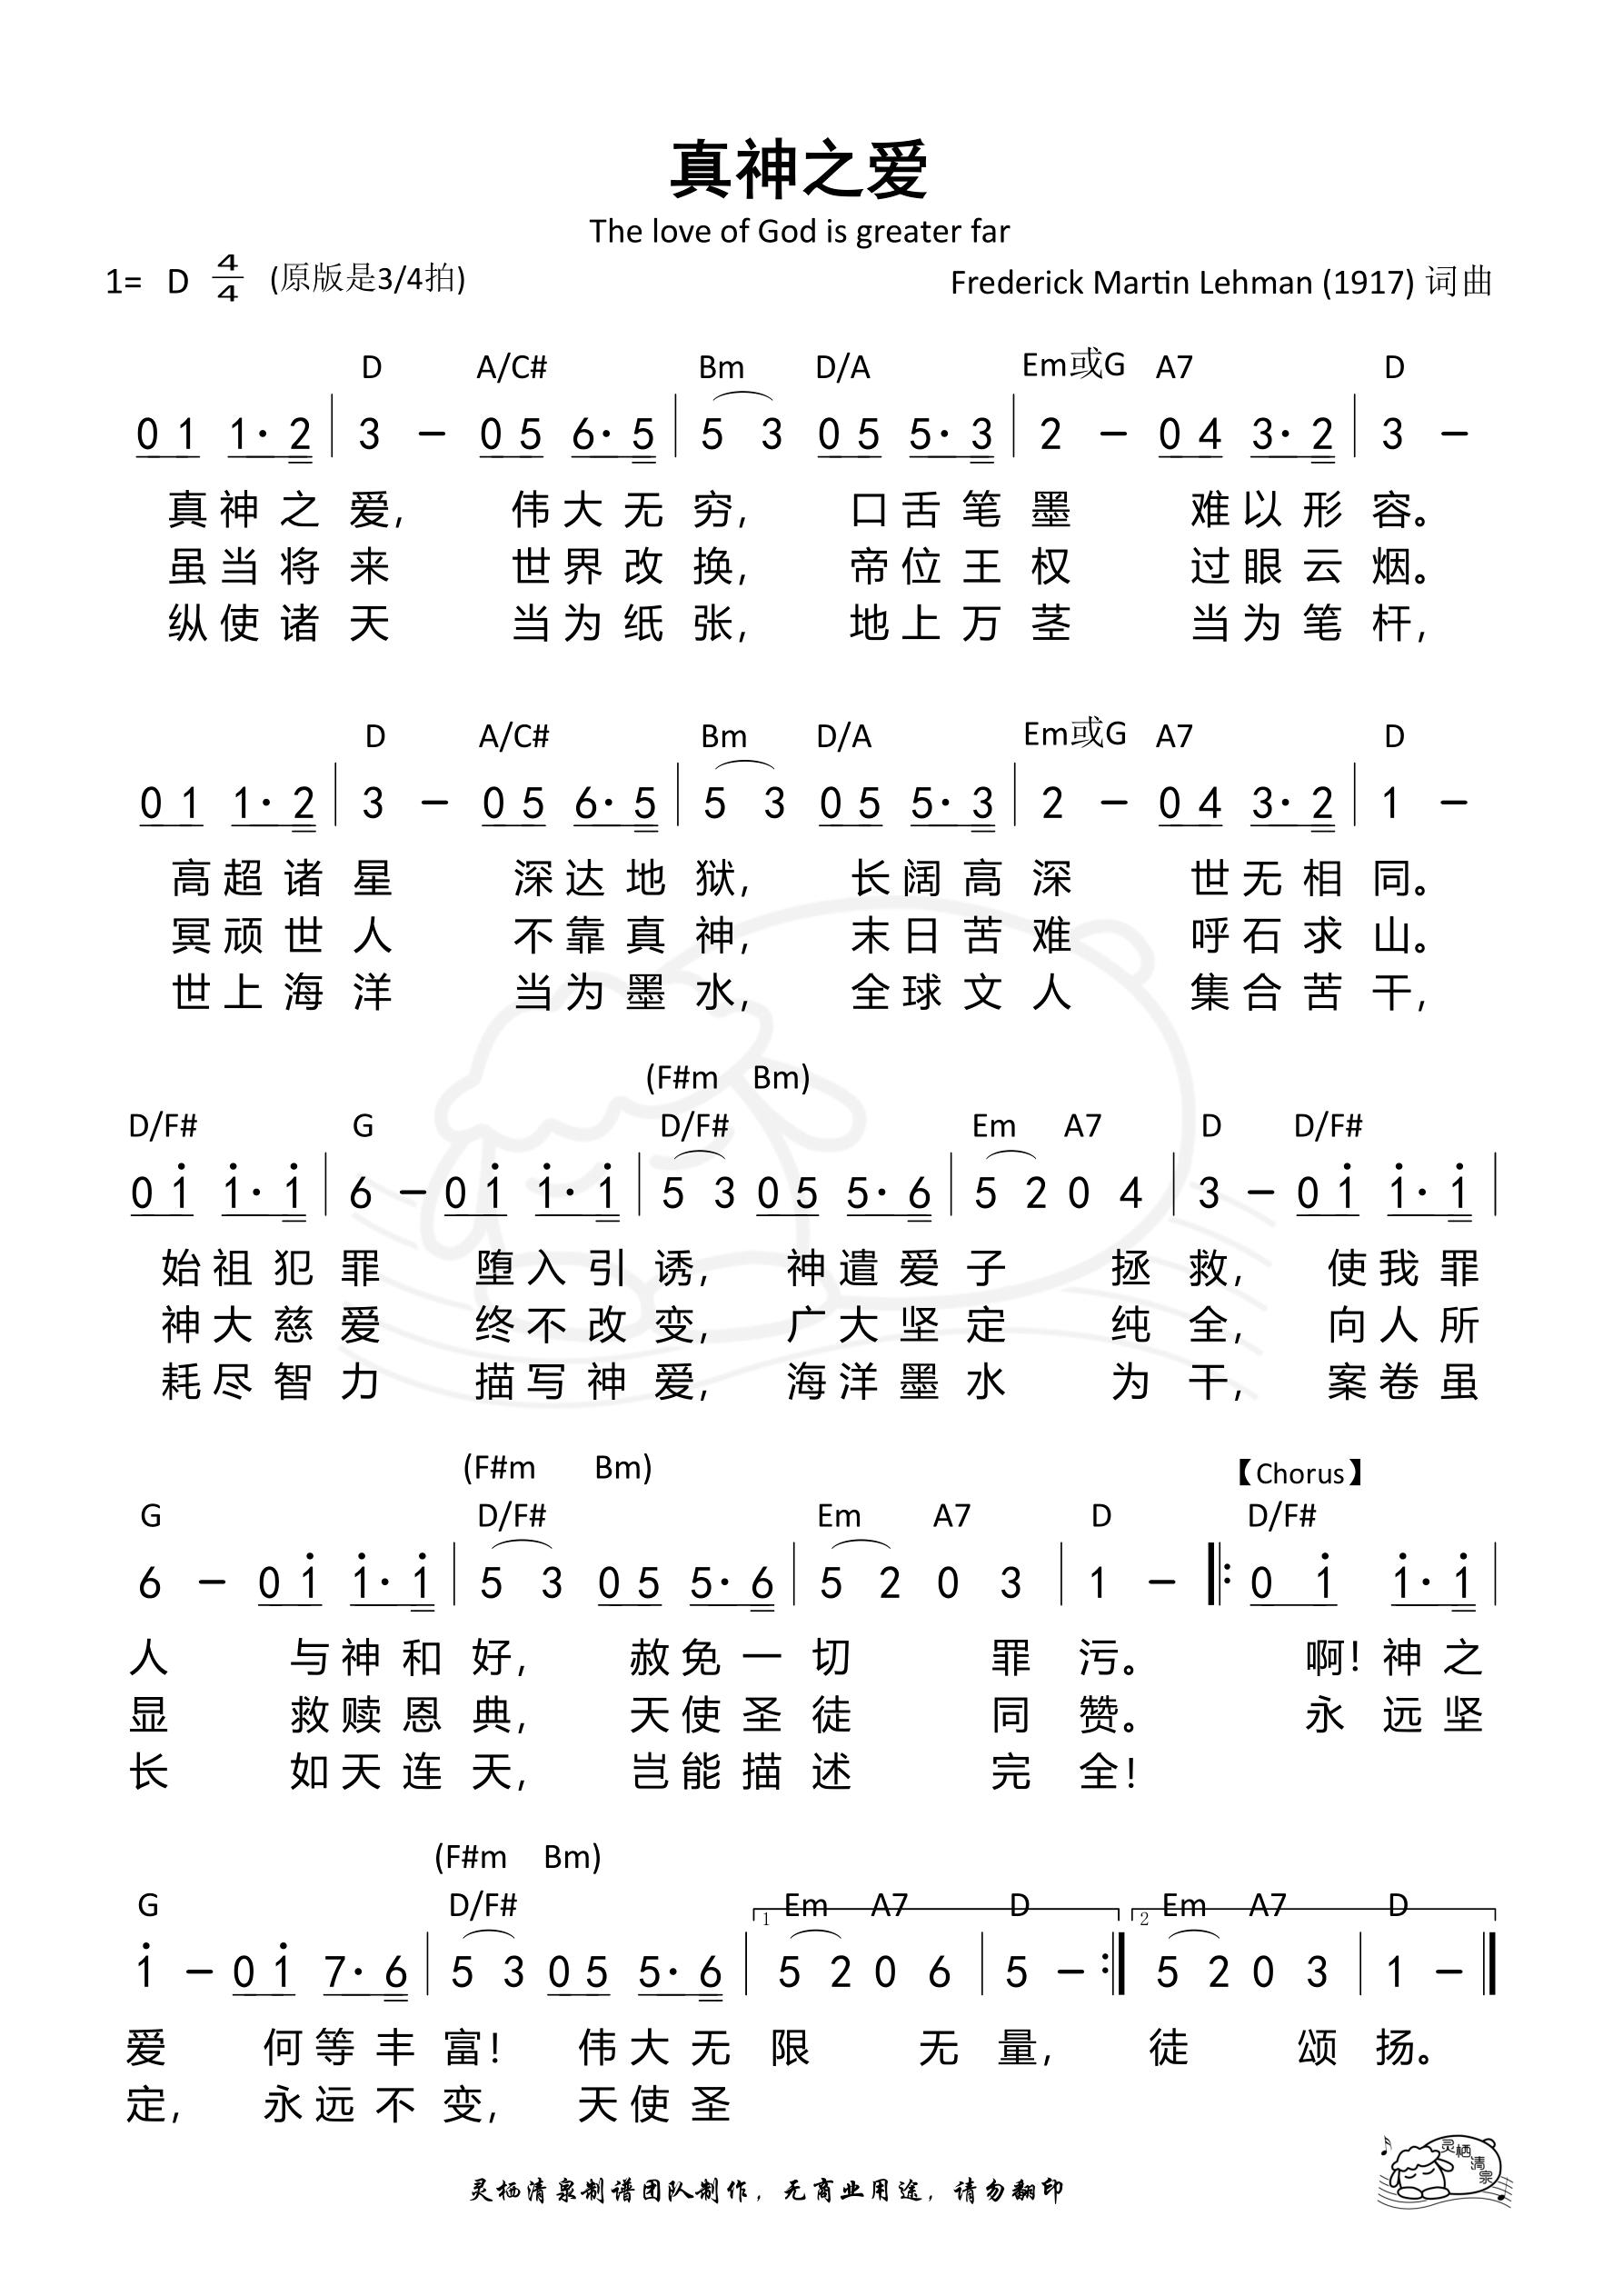 《第199首 - 真神之爱(4/4拍)》